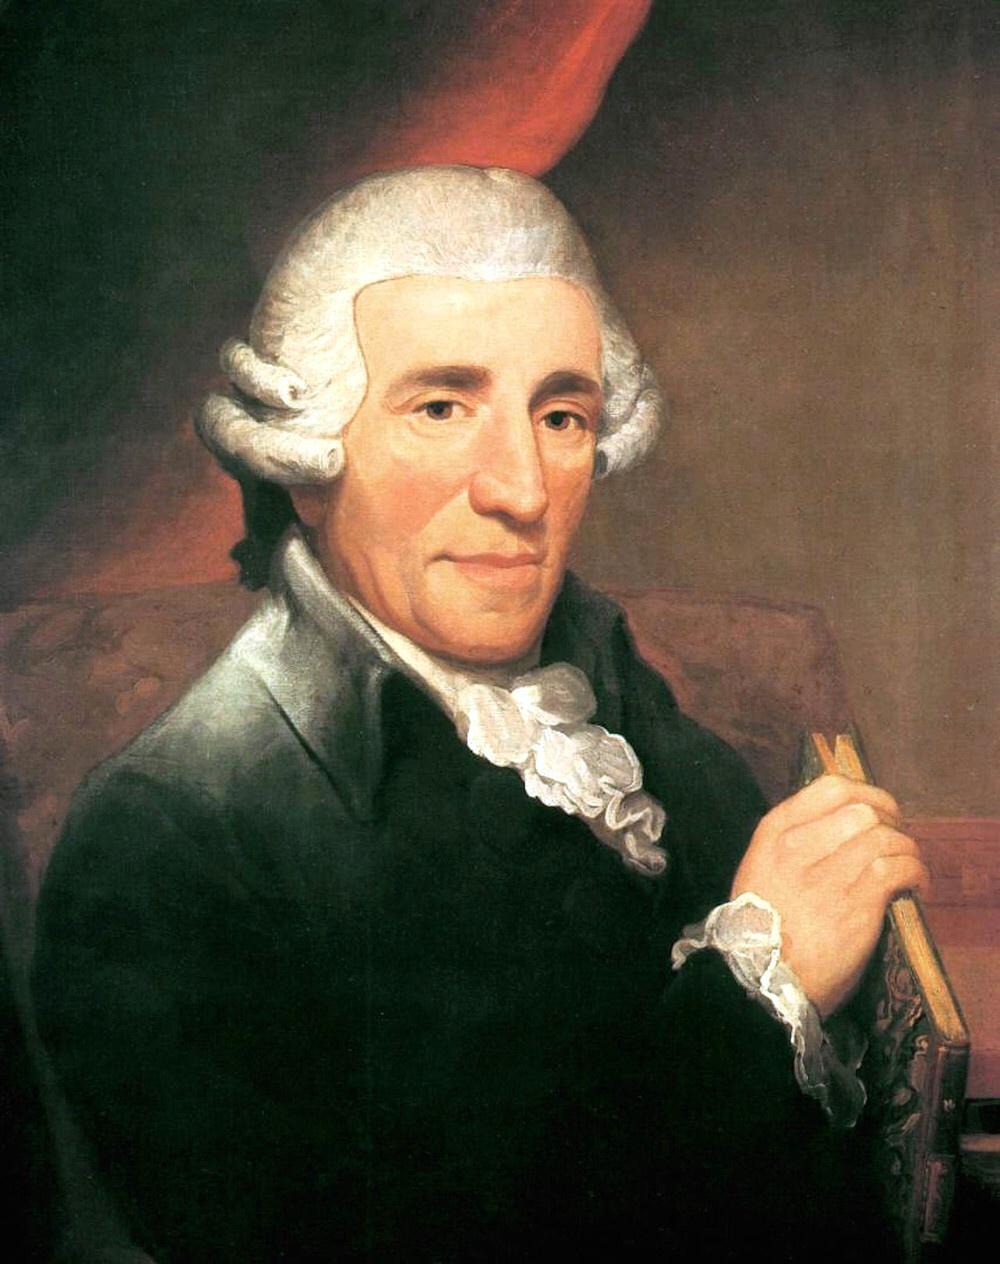 The Classical Era: Haydn goseek